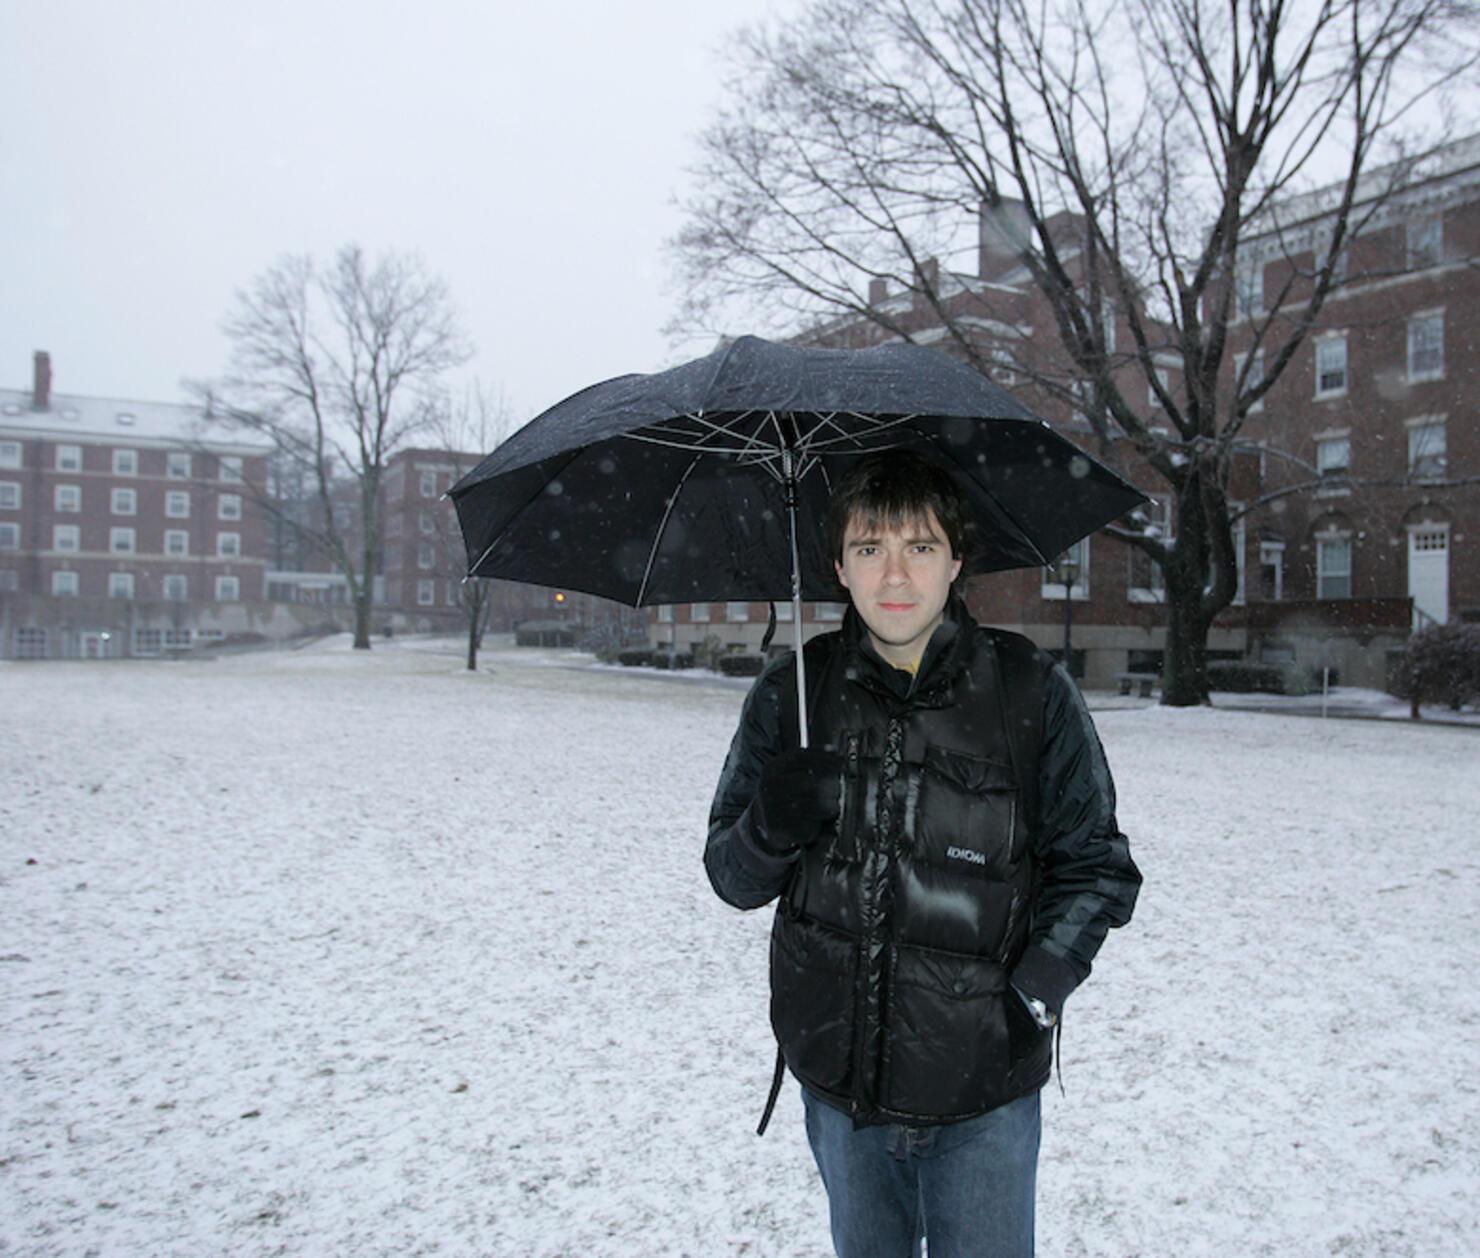 USA - Harvard University - Rivers Cuomo